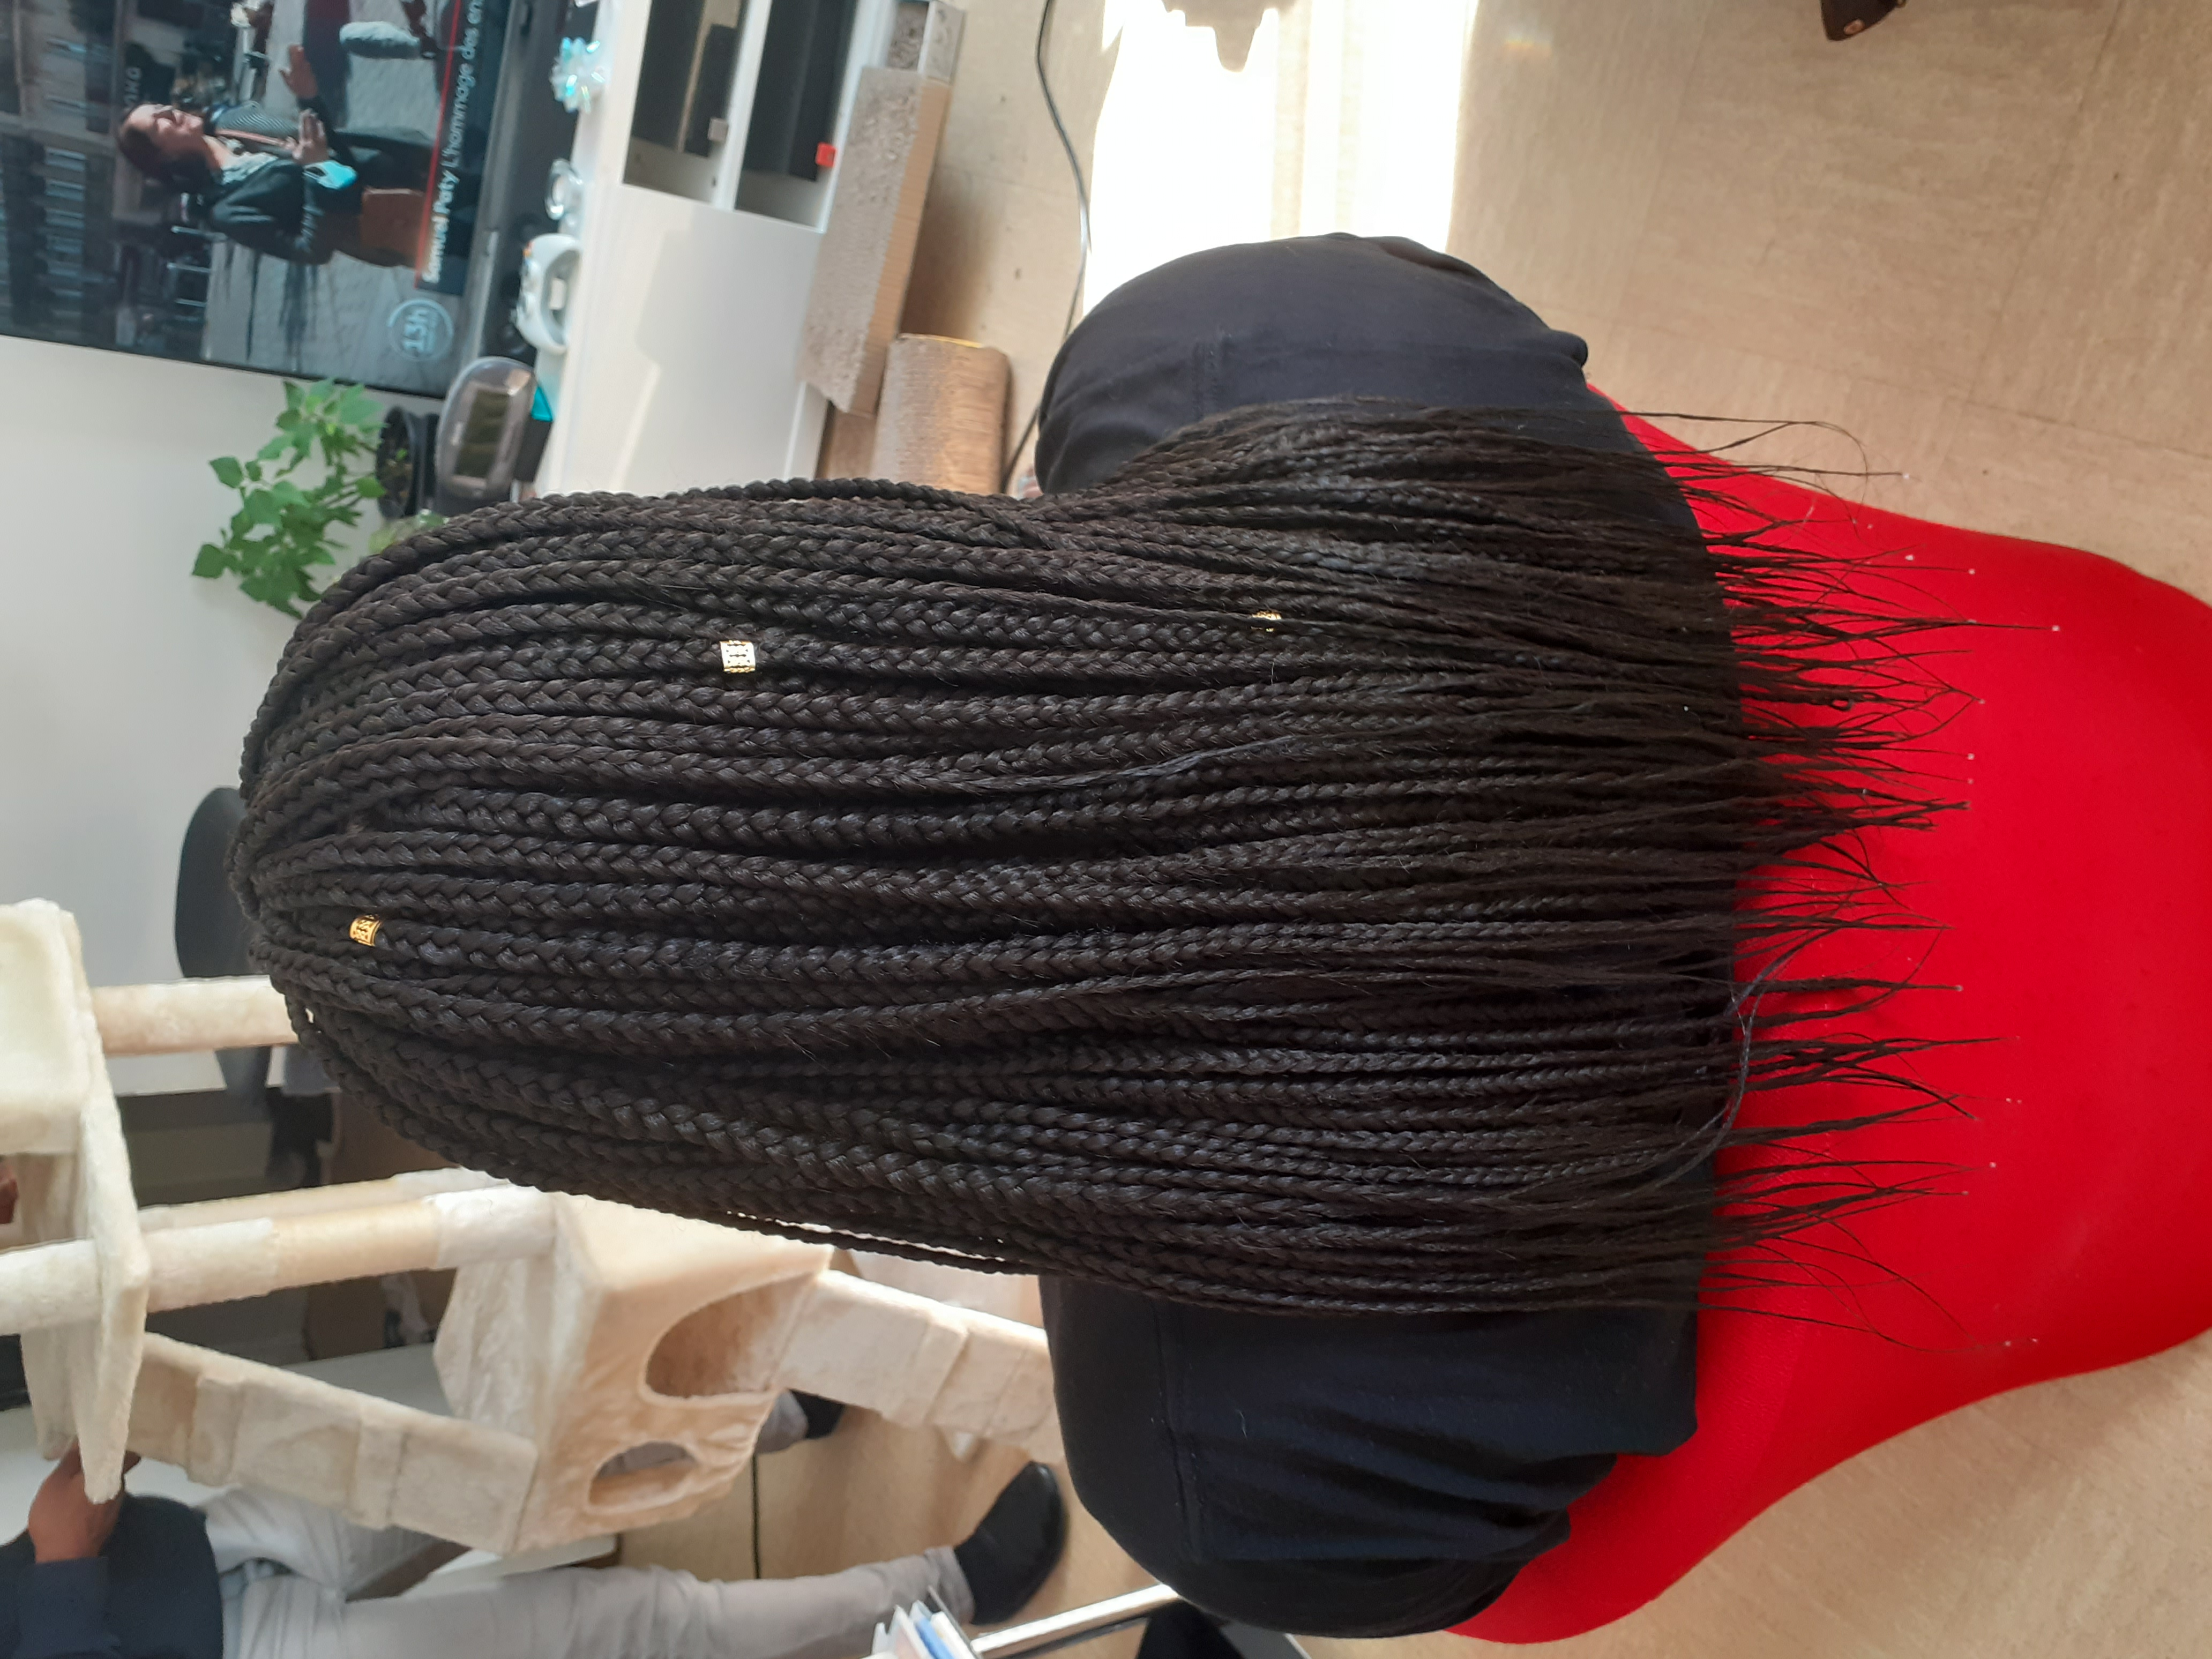 salon de coiffure afro tresse tresses box braids crochet braids vanilles tissages paris 75 77 78 91 92 93 94 95 MJPKHEIM